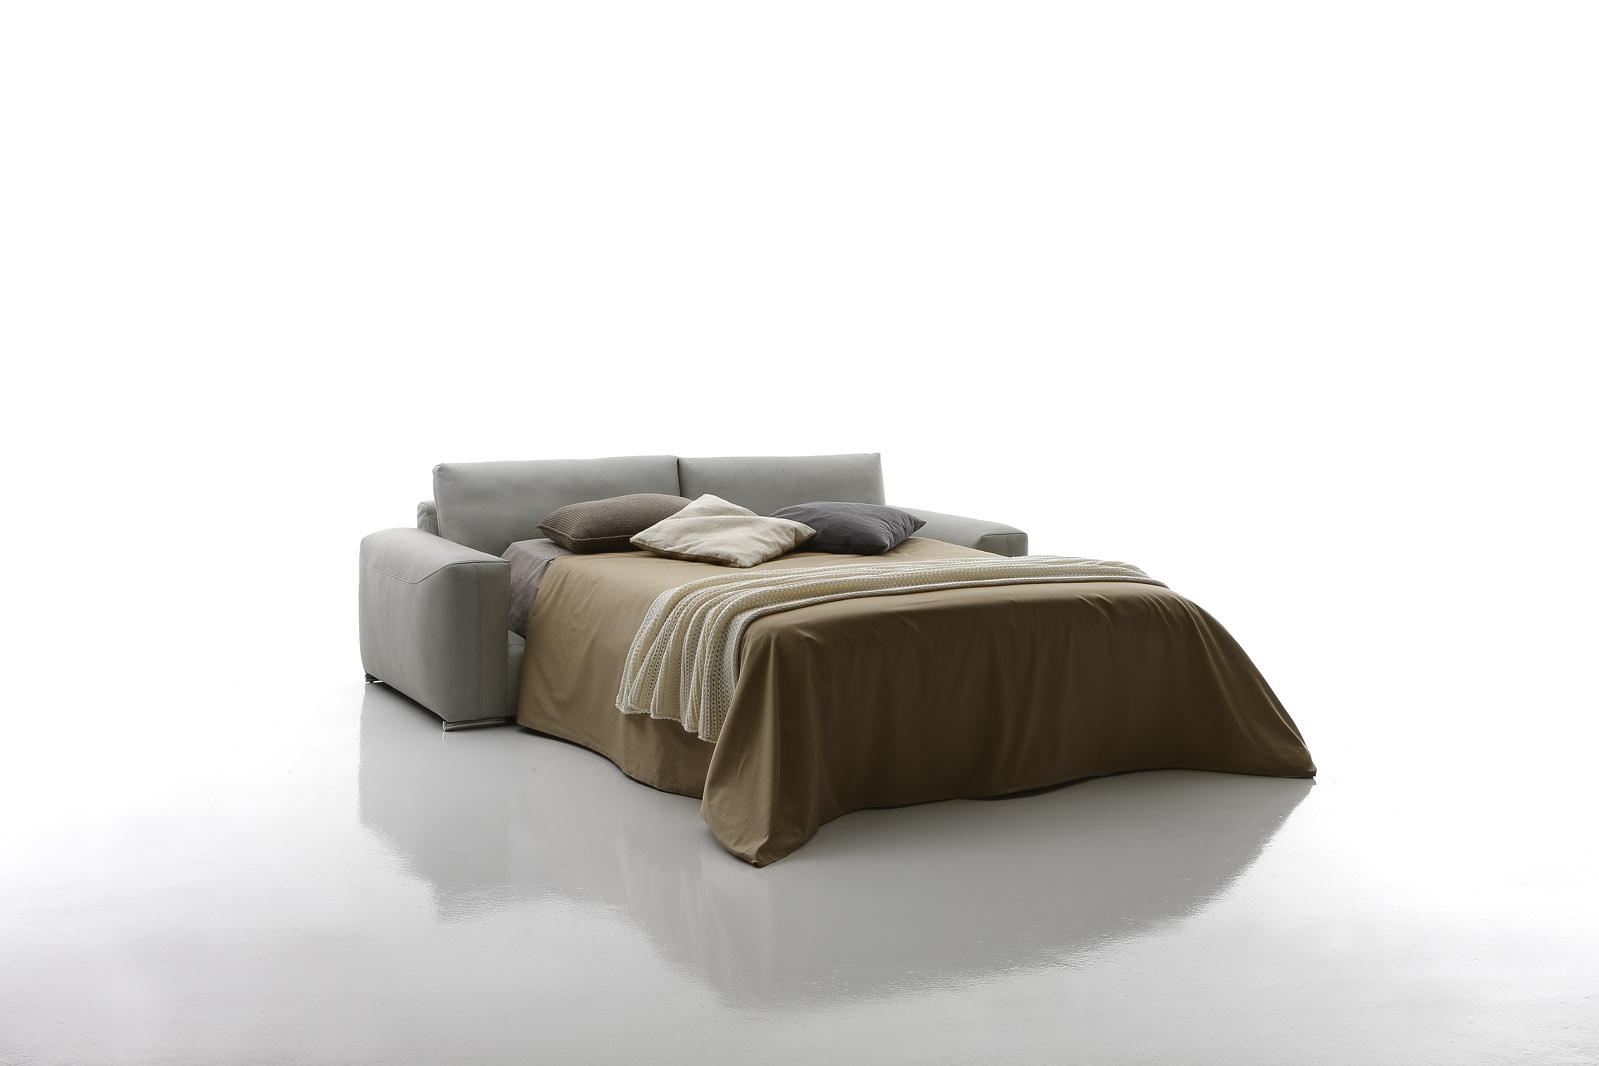 Vendita divani letto lissone monza e brianza milano for Letti divani e divani